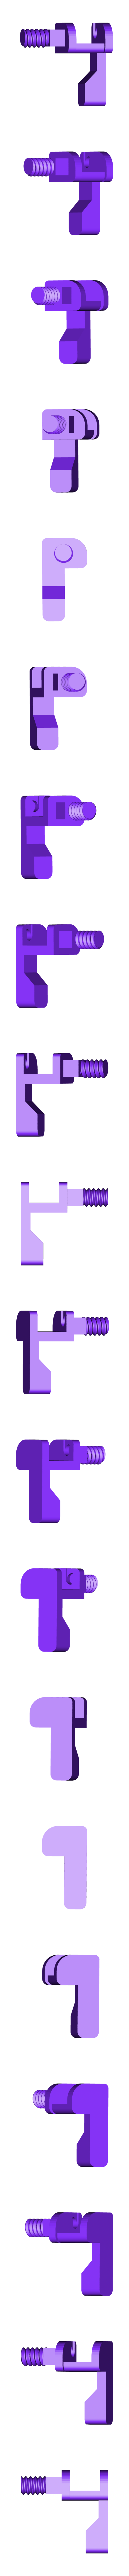 BASE LEFT.stl Download STL file Gaming Grip for Smartphones • 3D printing template, SOLIDMaker3D